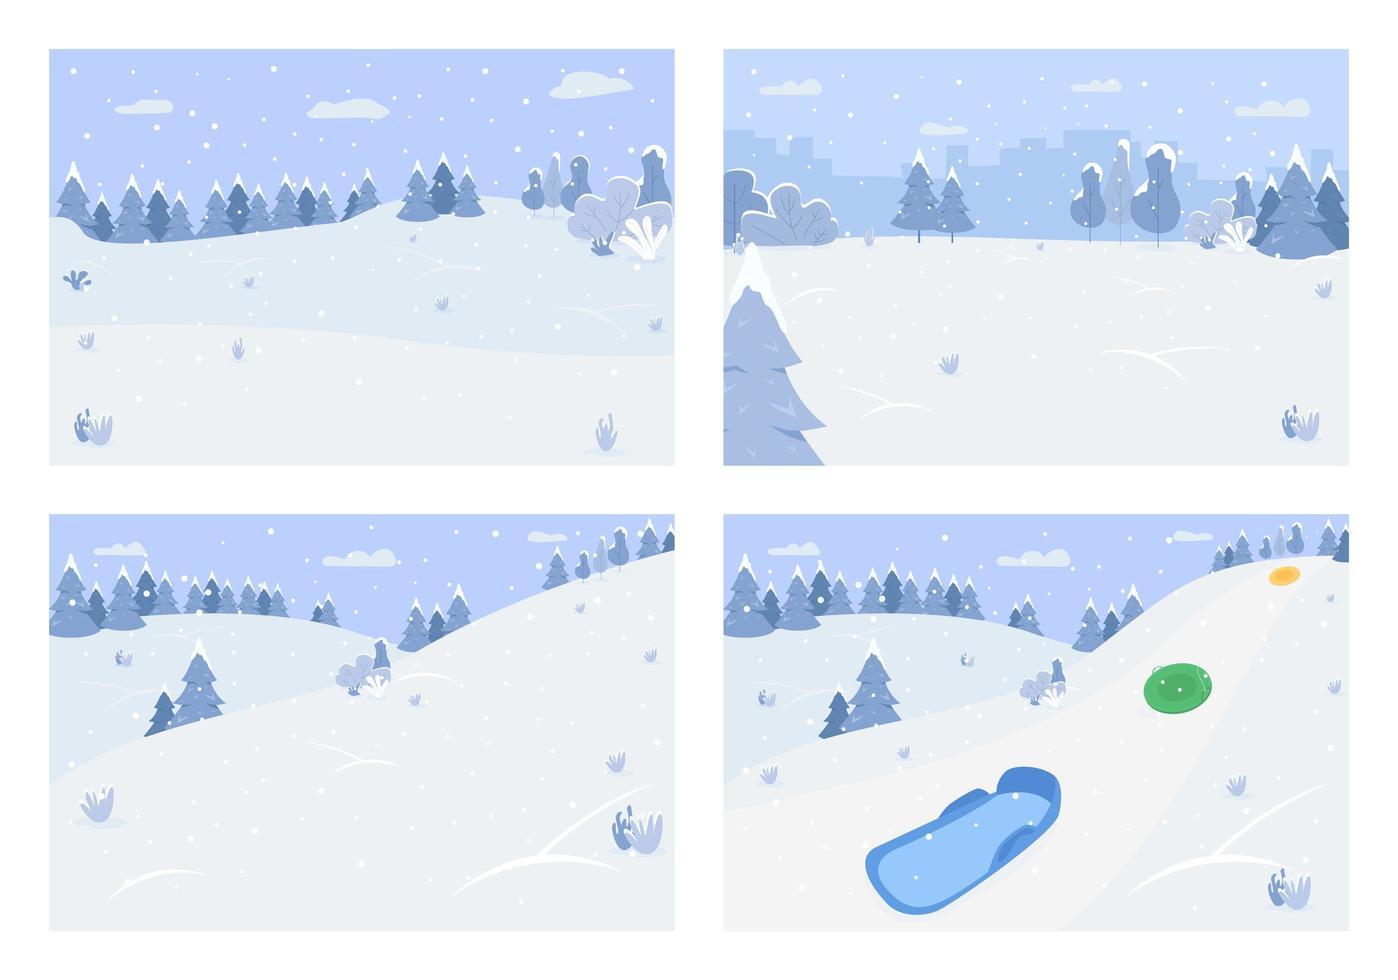 vinter snö landskap vektor